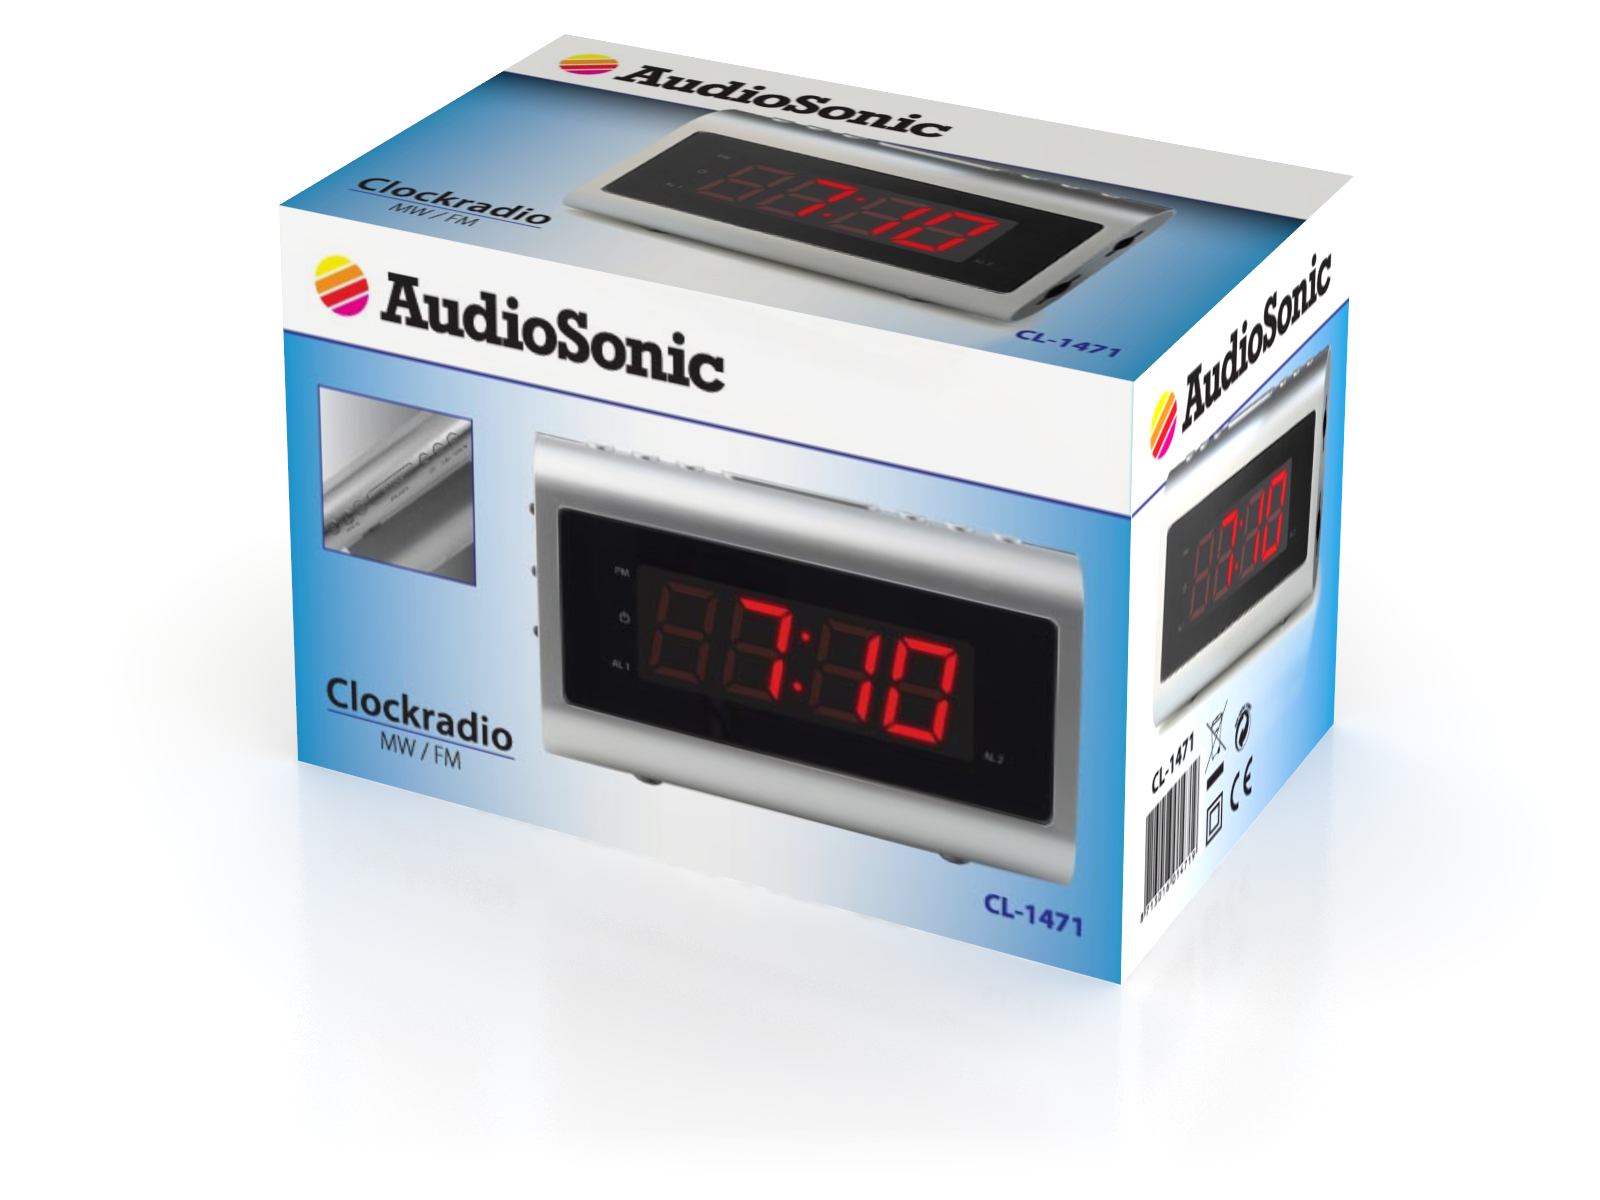 AudioSonic CL-1471 Orologio Argento radio